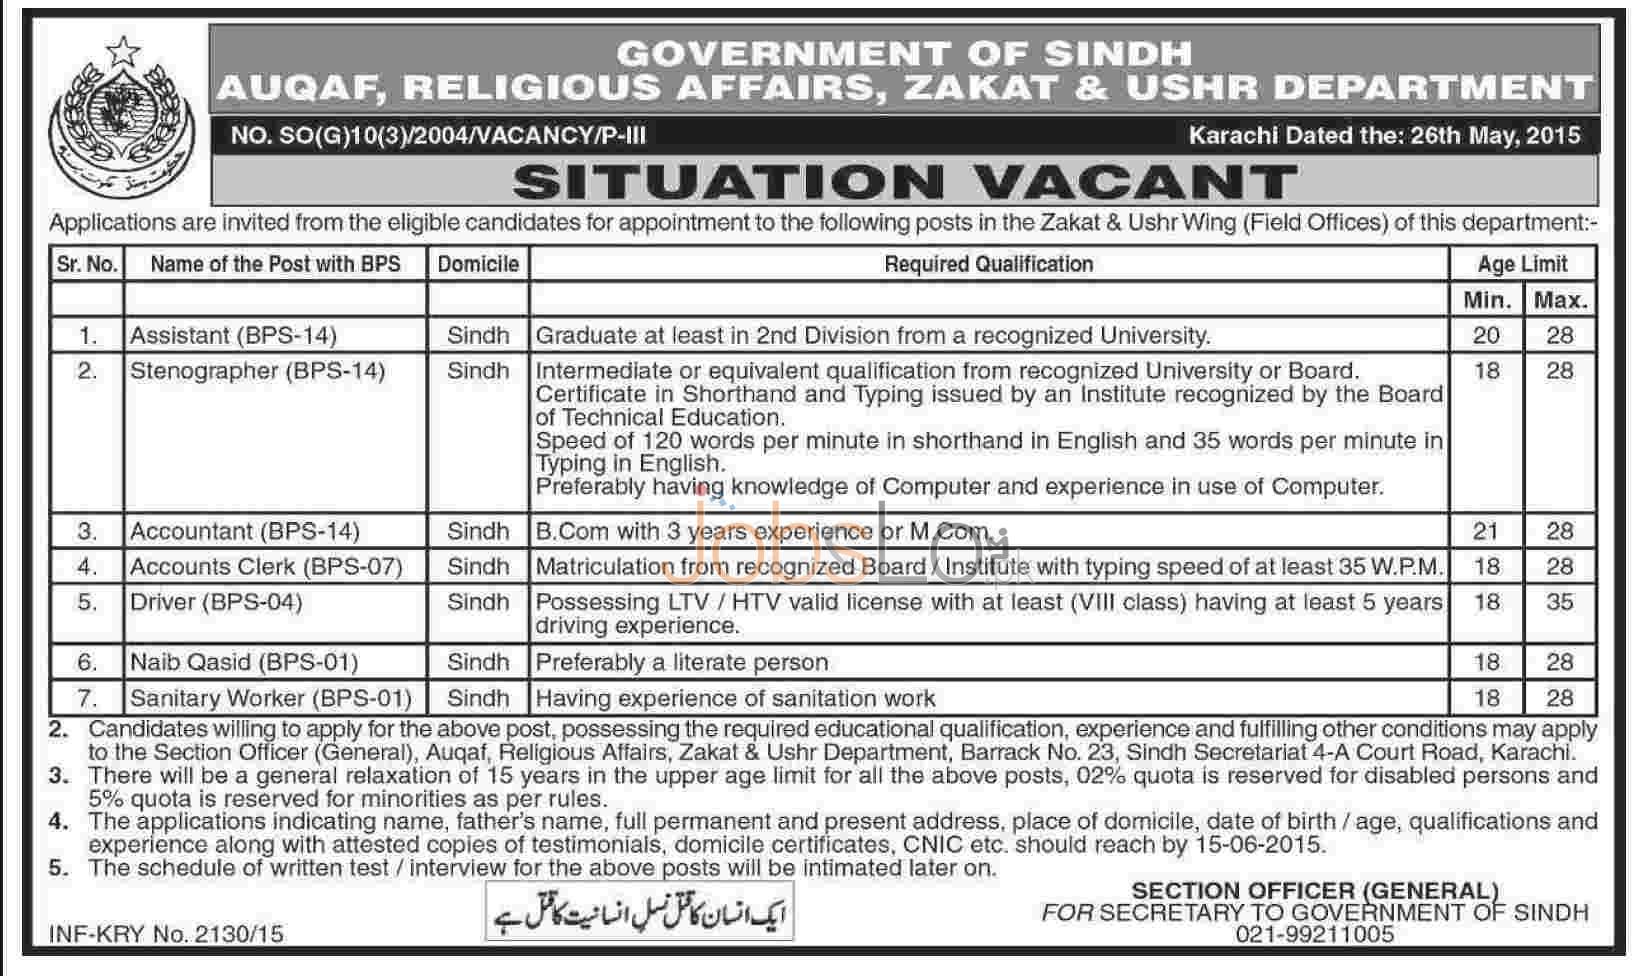 Auqaf, Religious Affairs, Zakat & Ushr Department Jobs